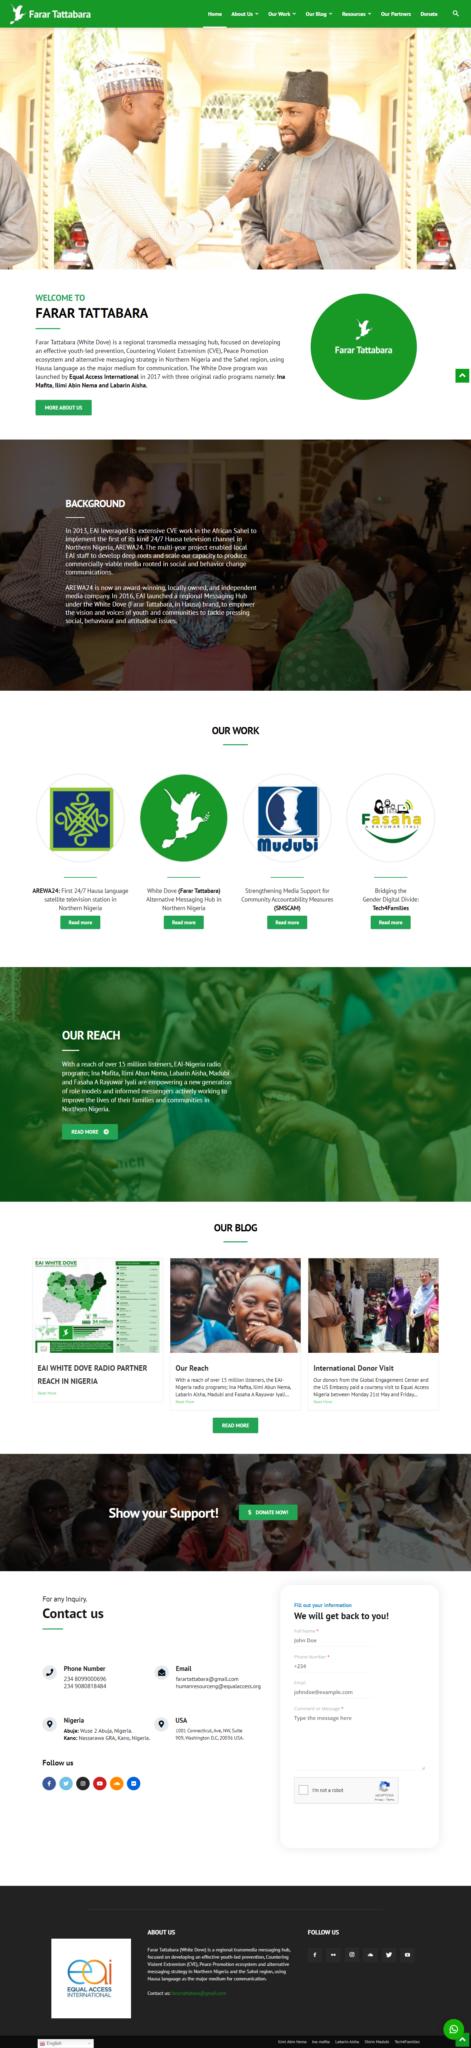 farar tattabara website